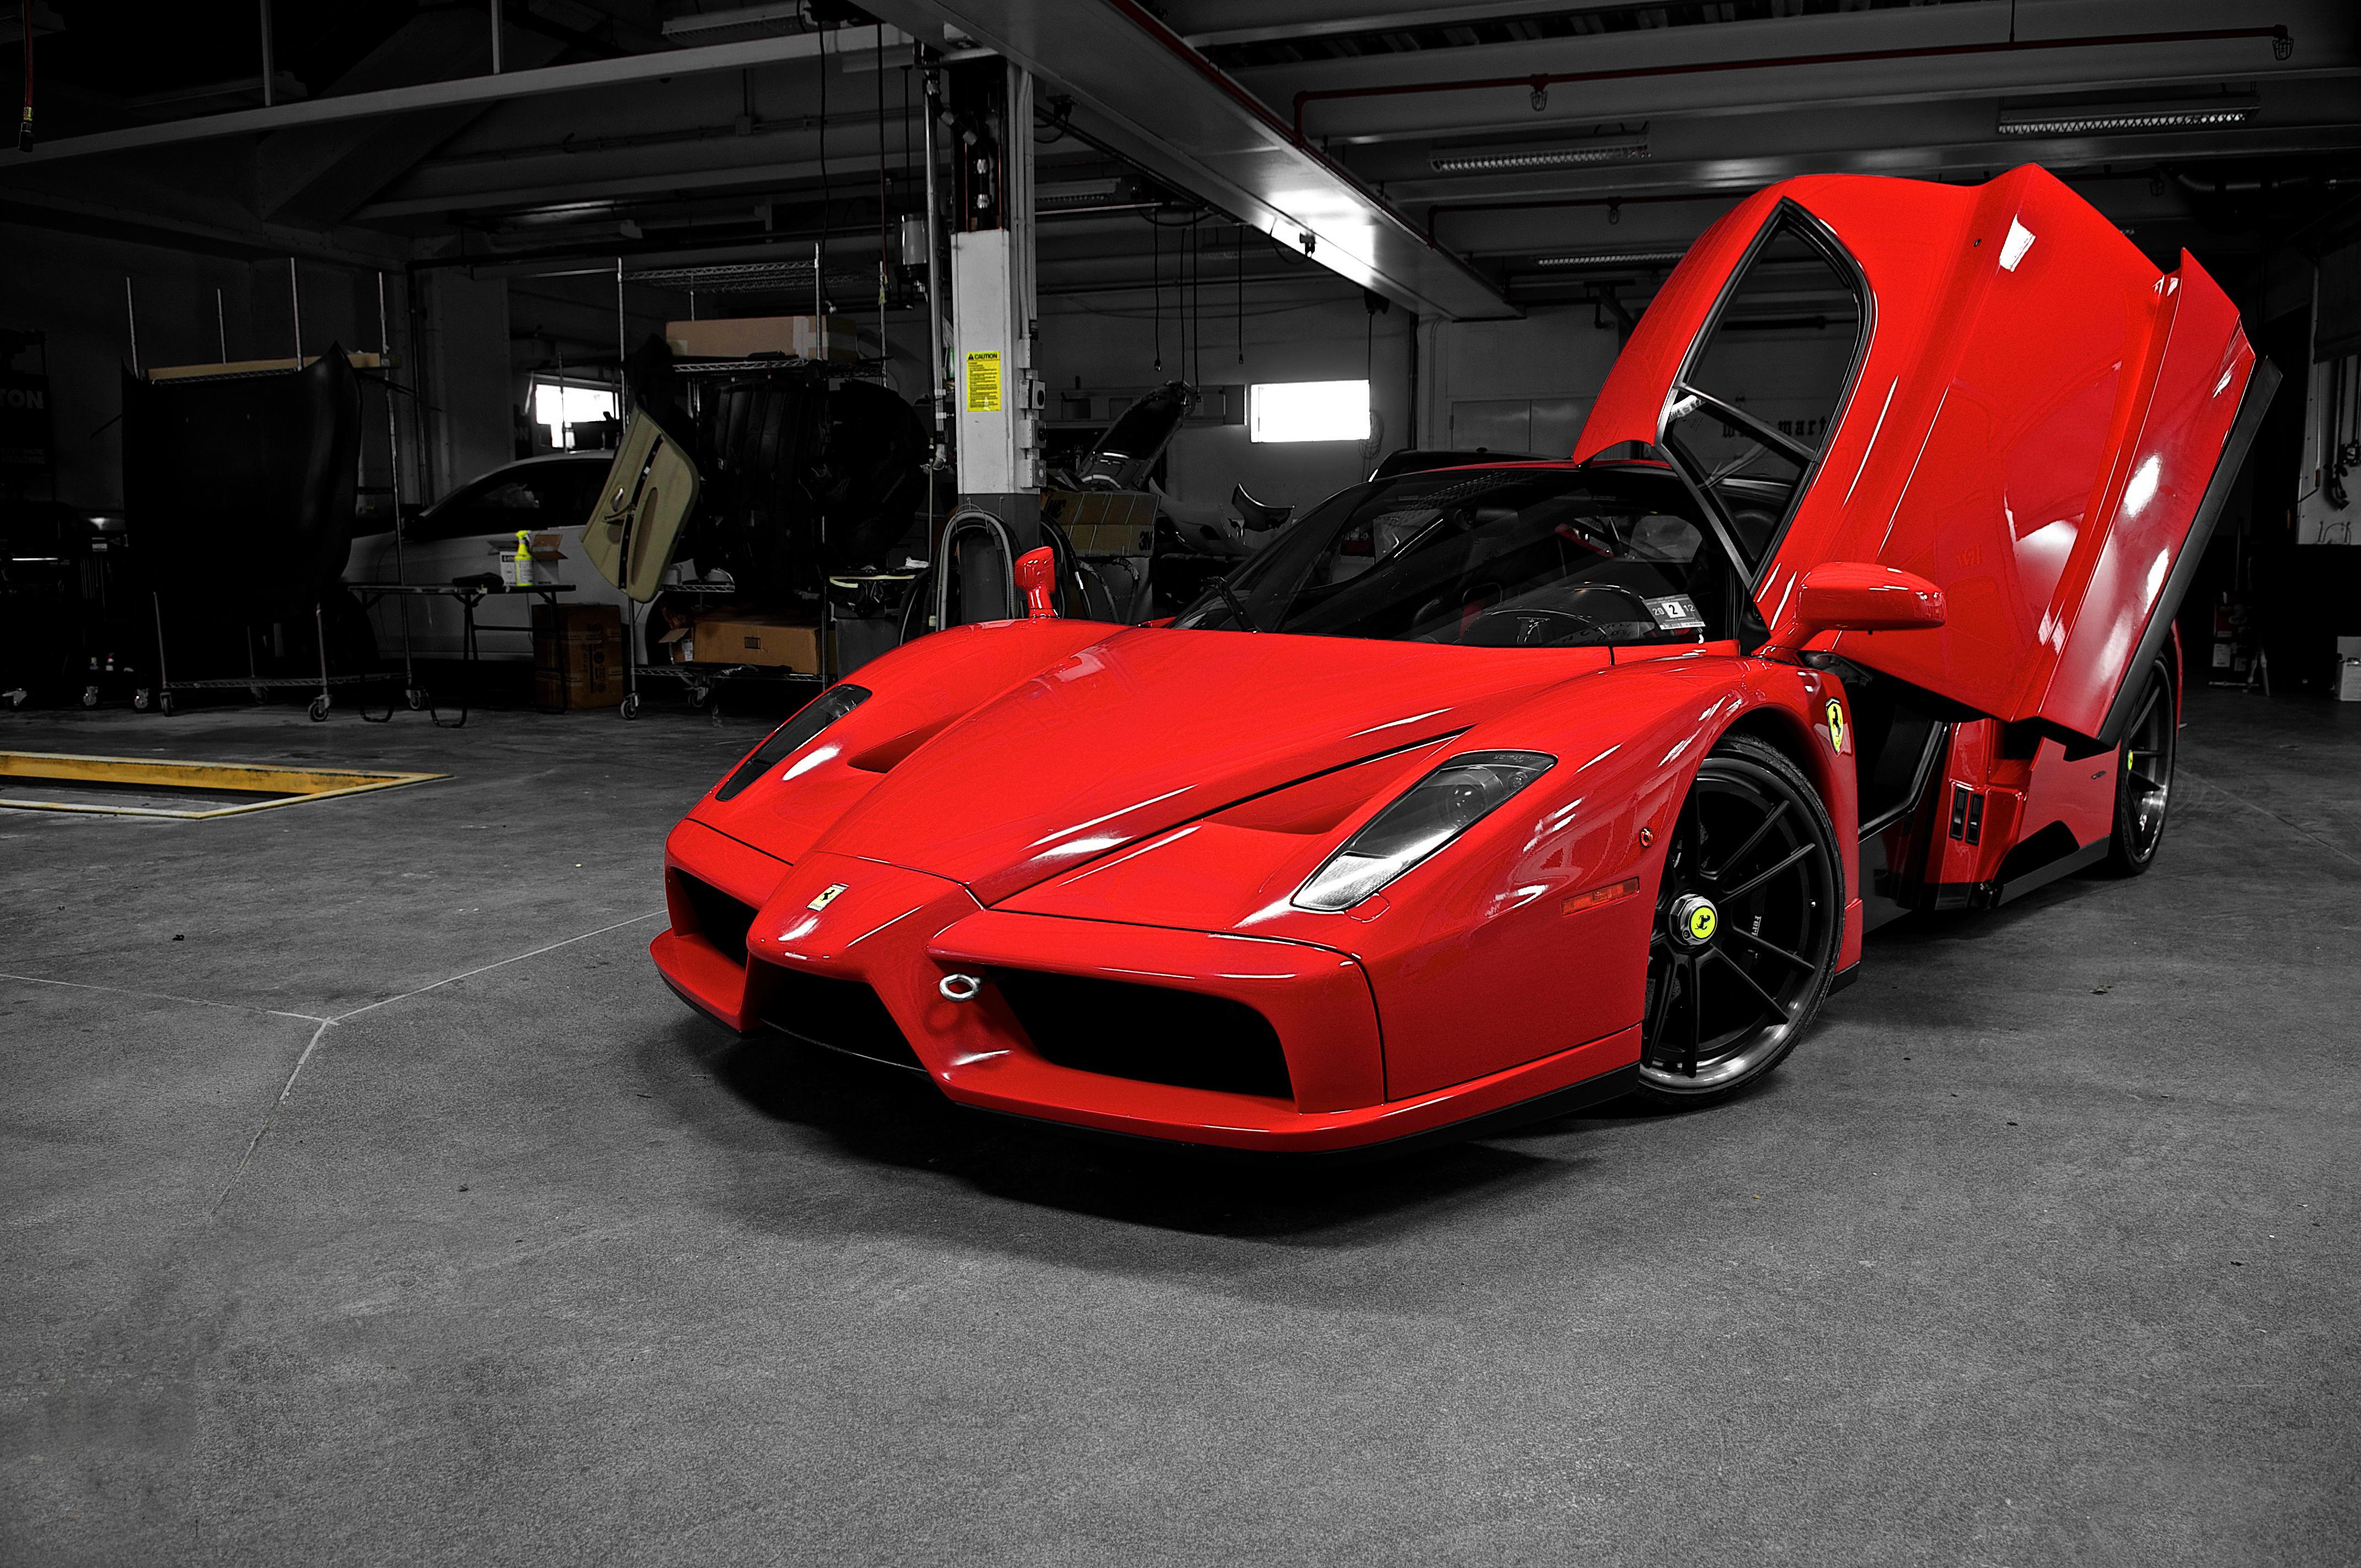 Черный спортивный автомобиль Ferrari Enzo  № 2892581 бесплатно